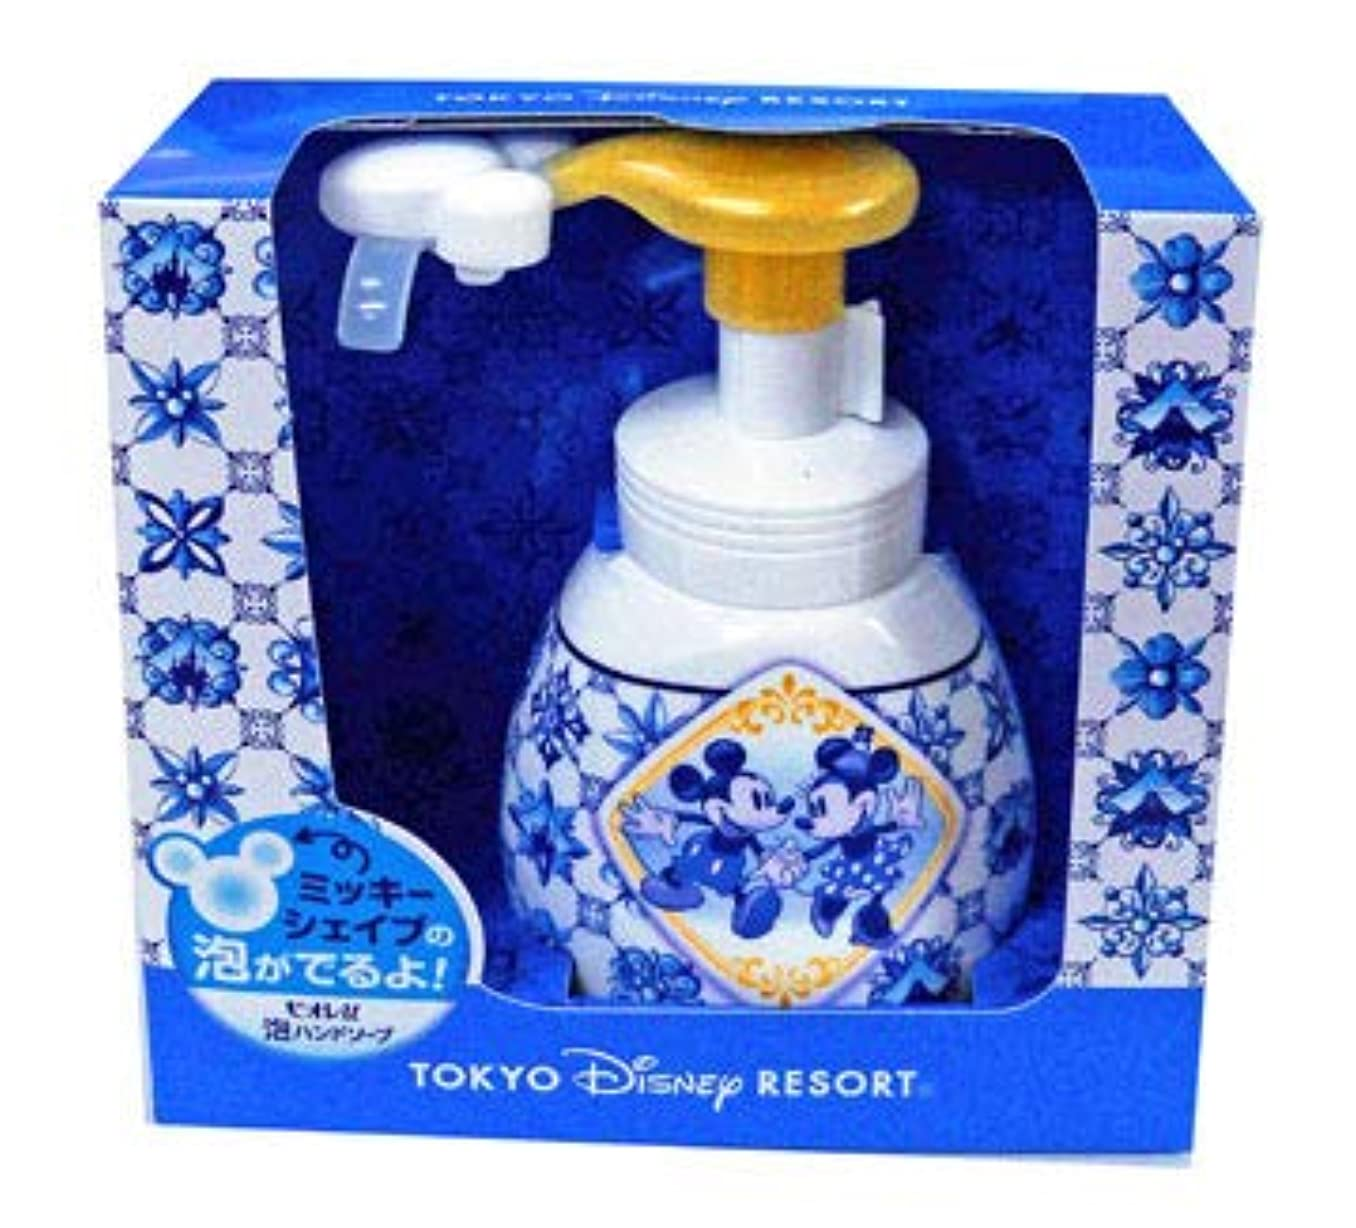 ブリーク痛い過激派泡ハンドソープ(新デザイン) 東京ディズニーリゾート ミッキーとミニー柄  おみやげ